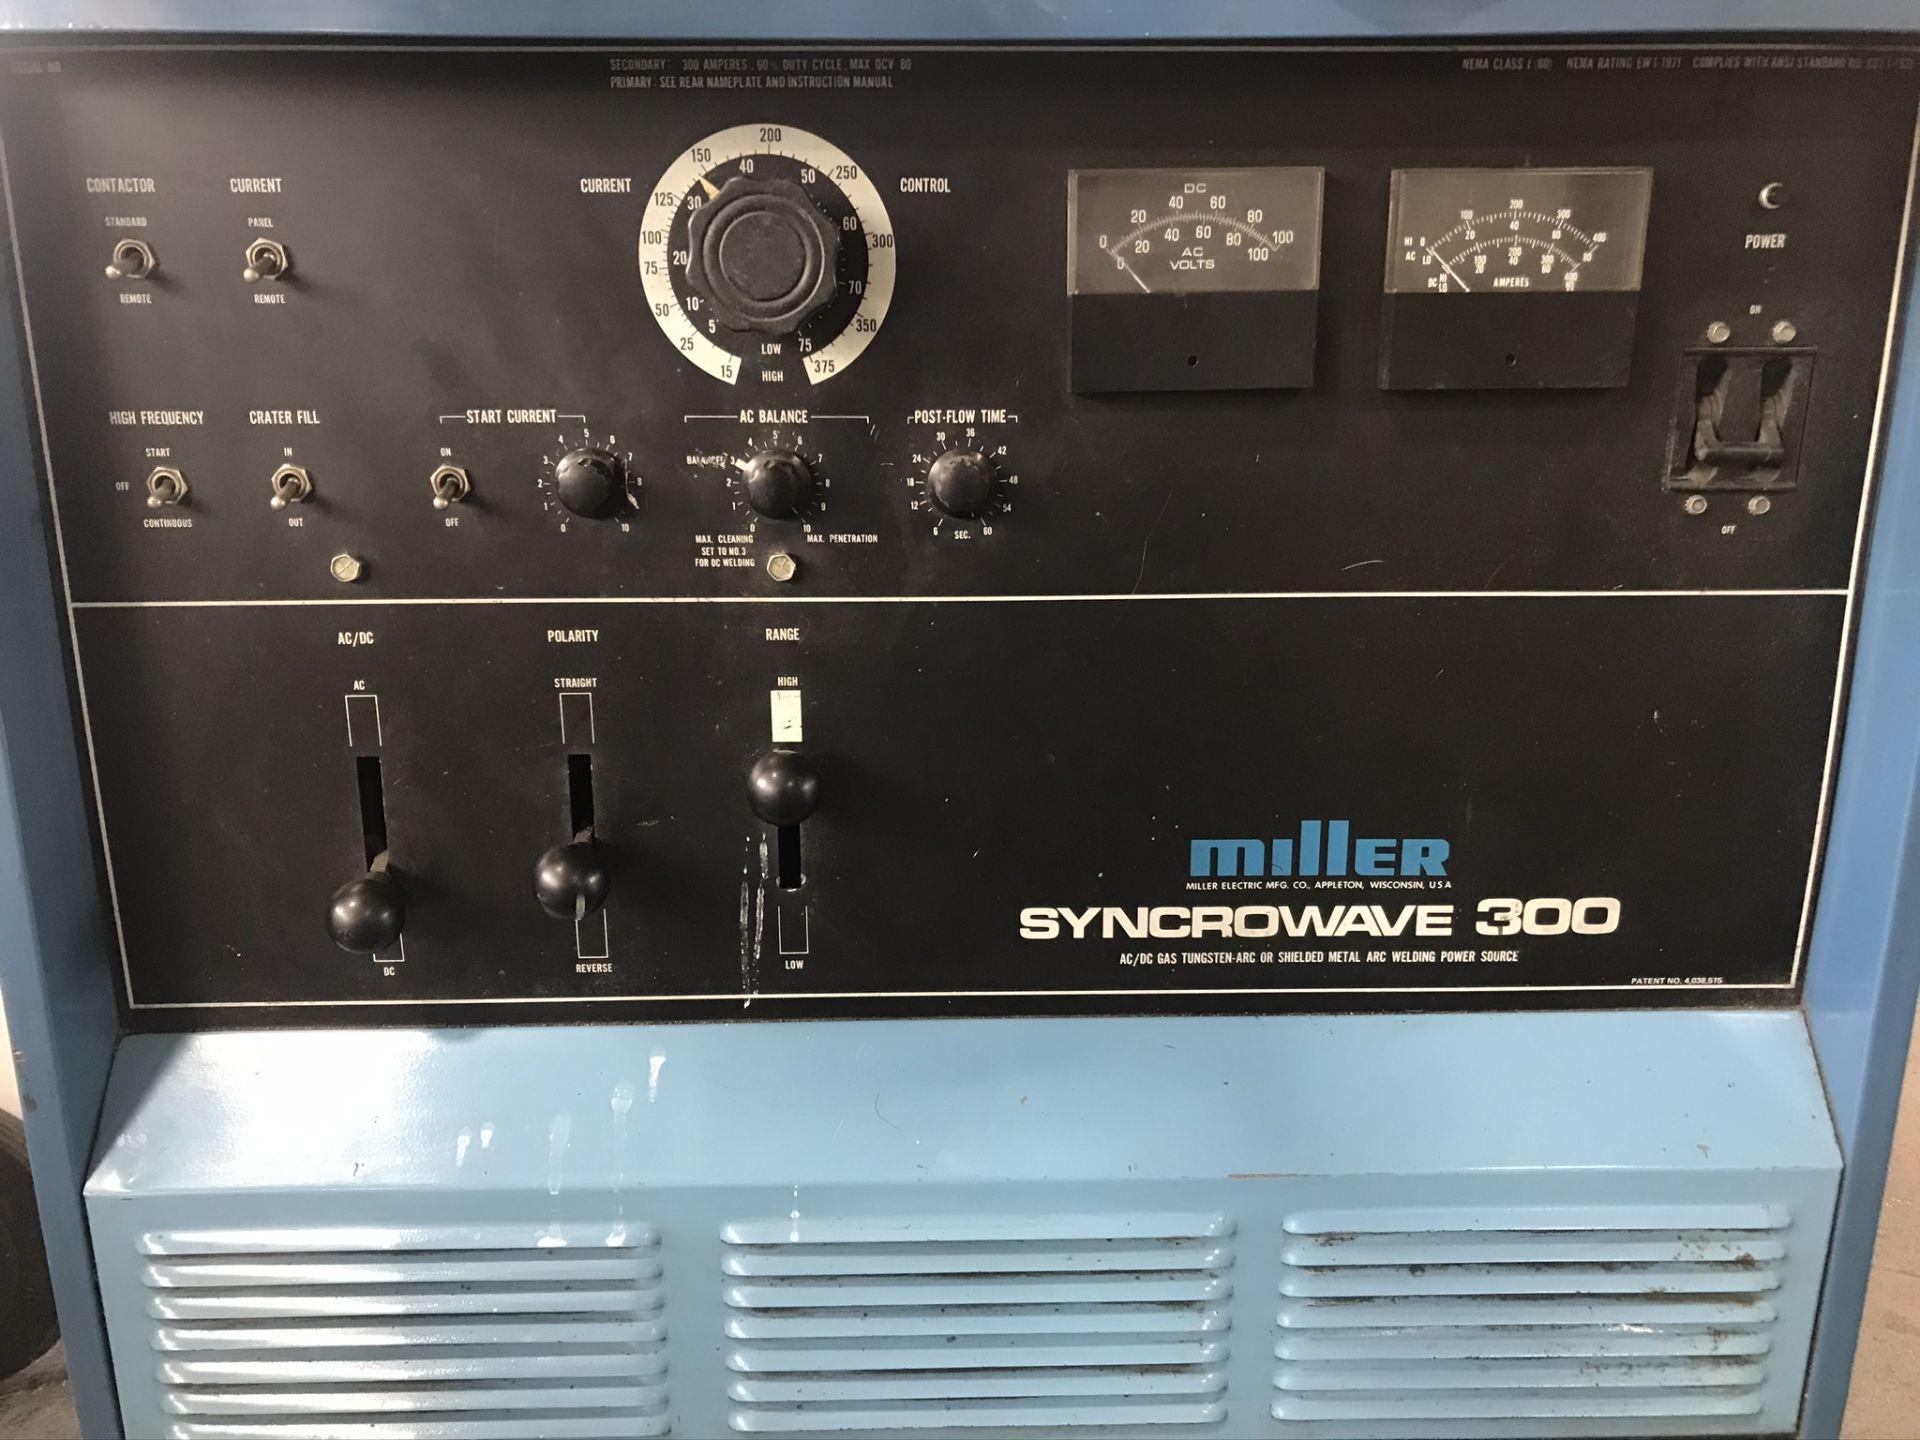 Miller Syncrowave 300 Welder w/ Miller Radiator 1A Cooling System - Image 2 of 4